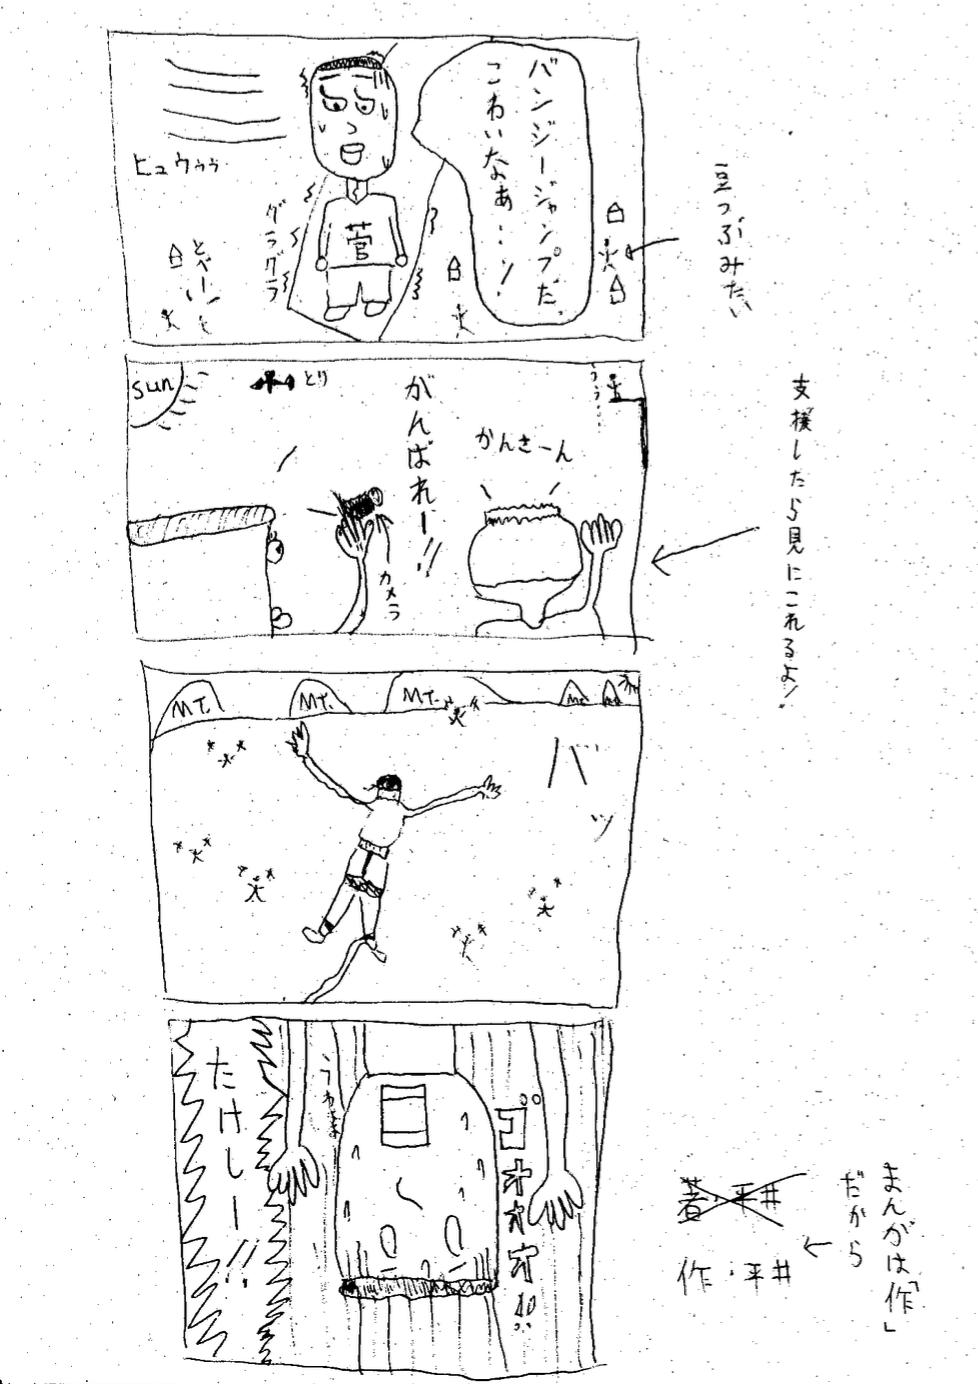 【菅ひであきバンジーチャレンジプラン】